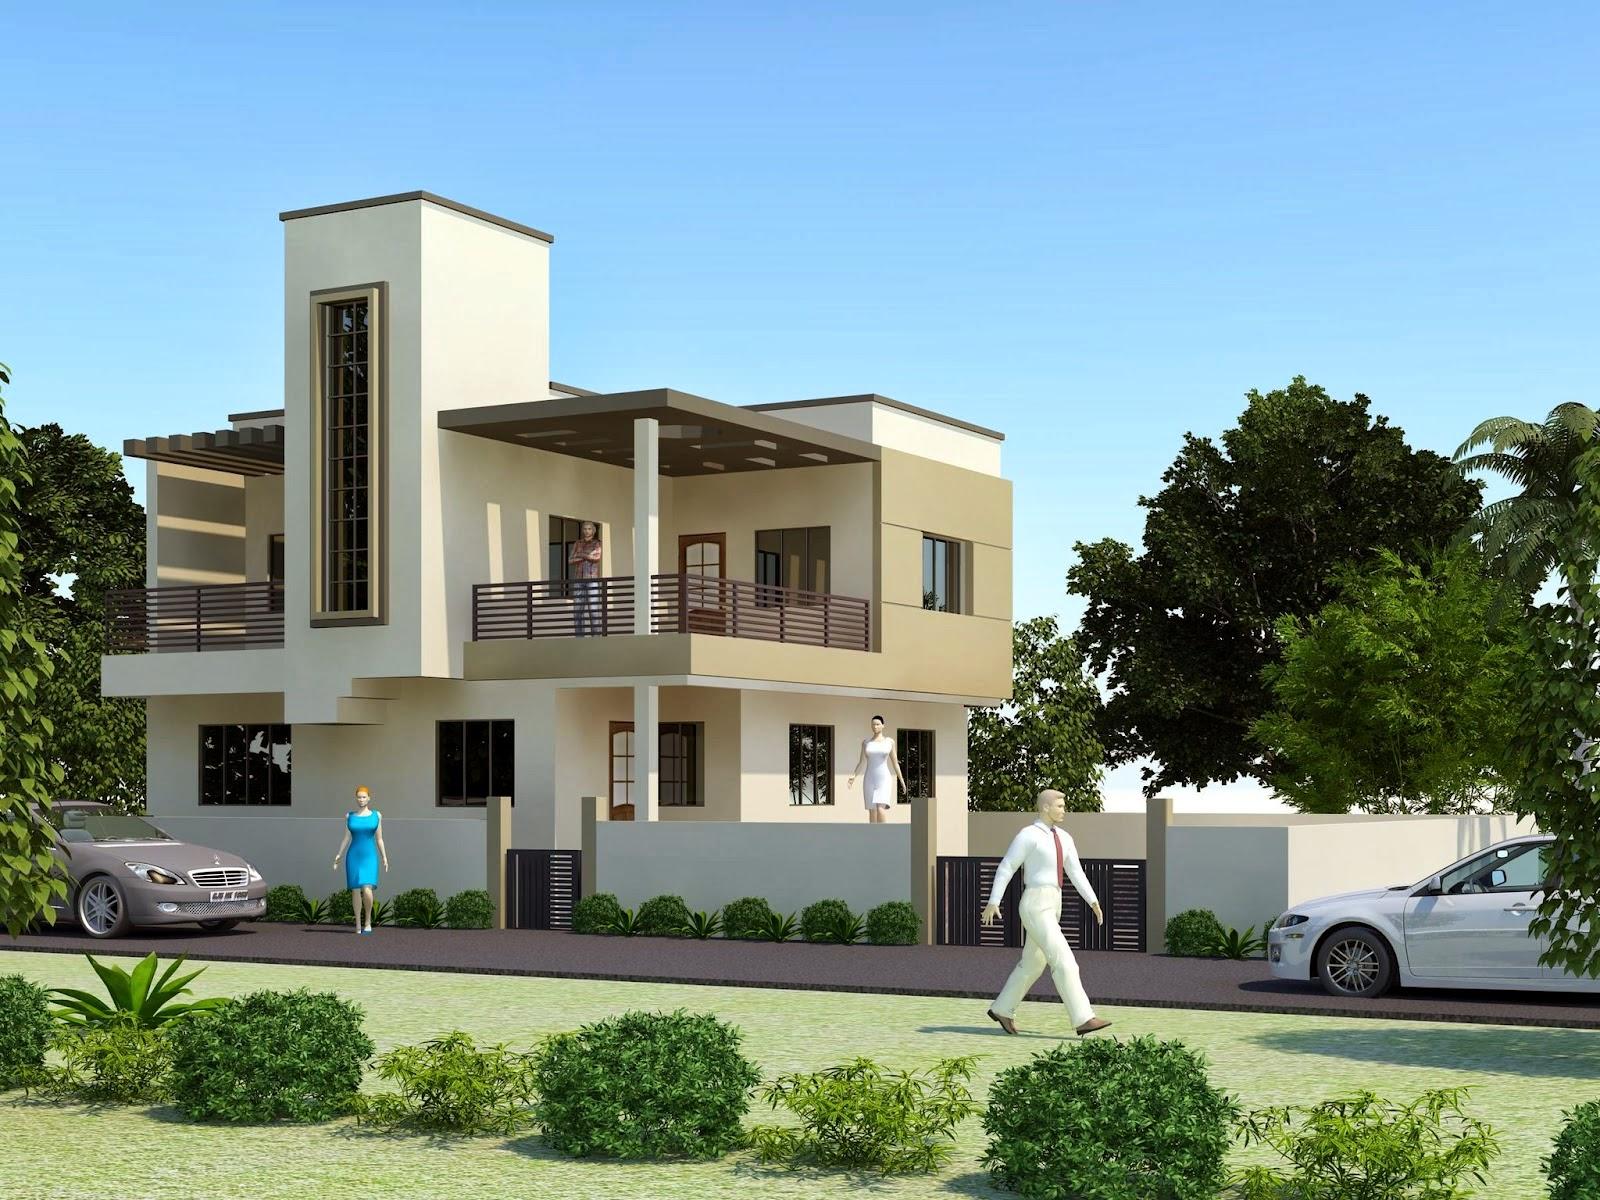 Modern mansion exterior - Luxury Modern House Exterior Design